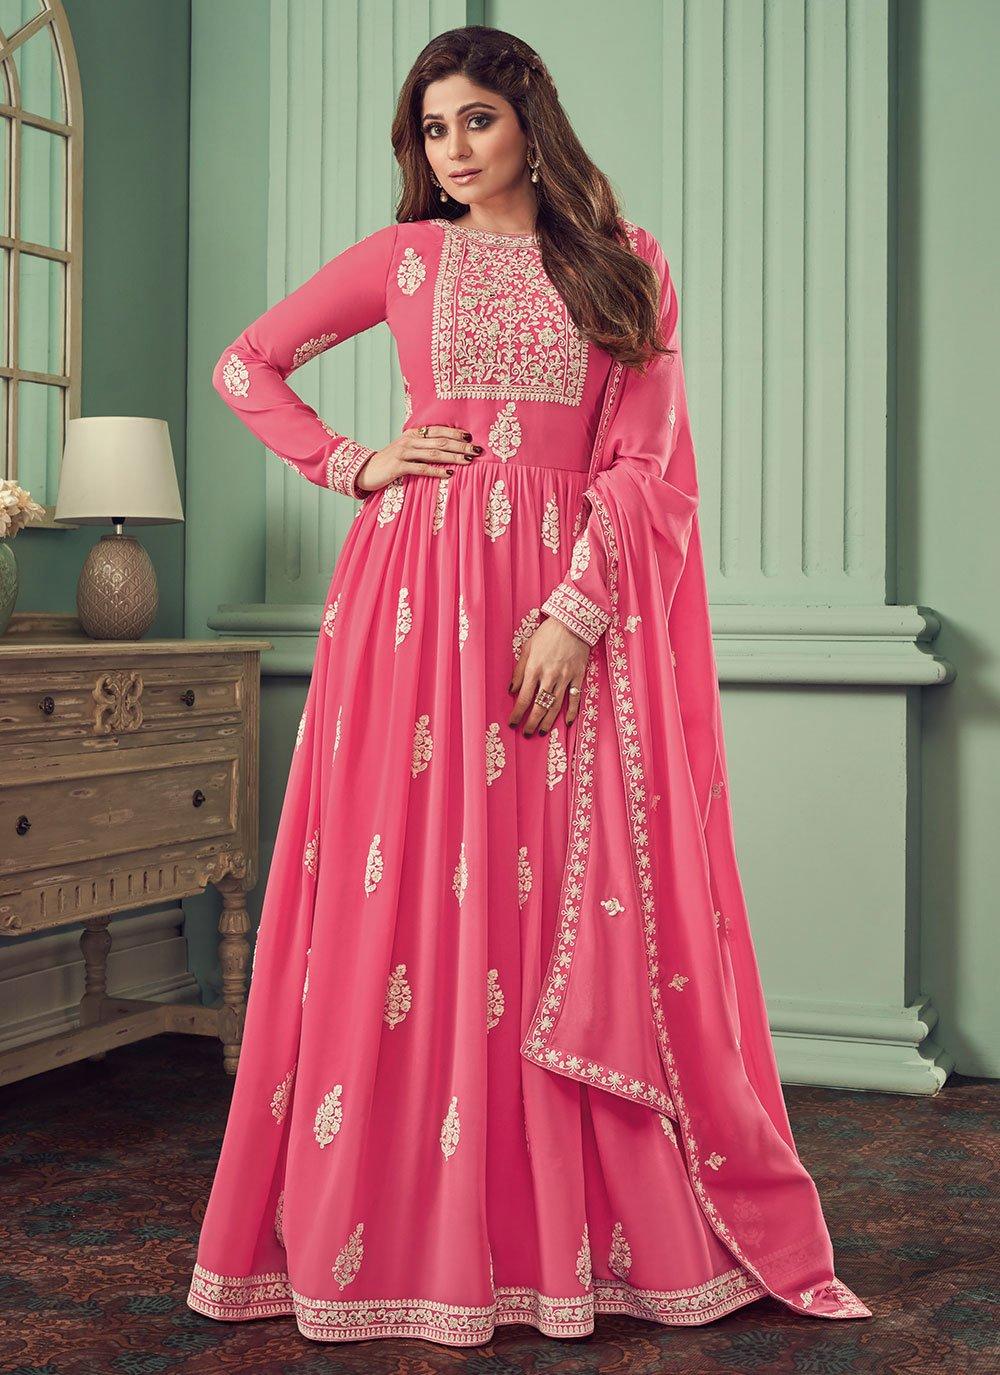 Georgette Pink Embroidered Anarkali Salwar Kameez